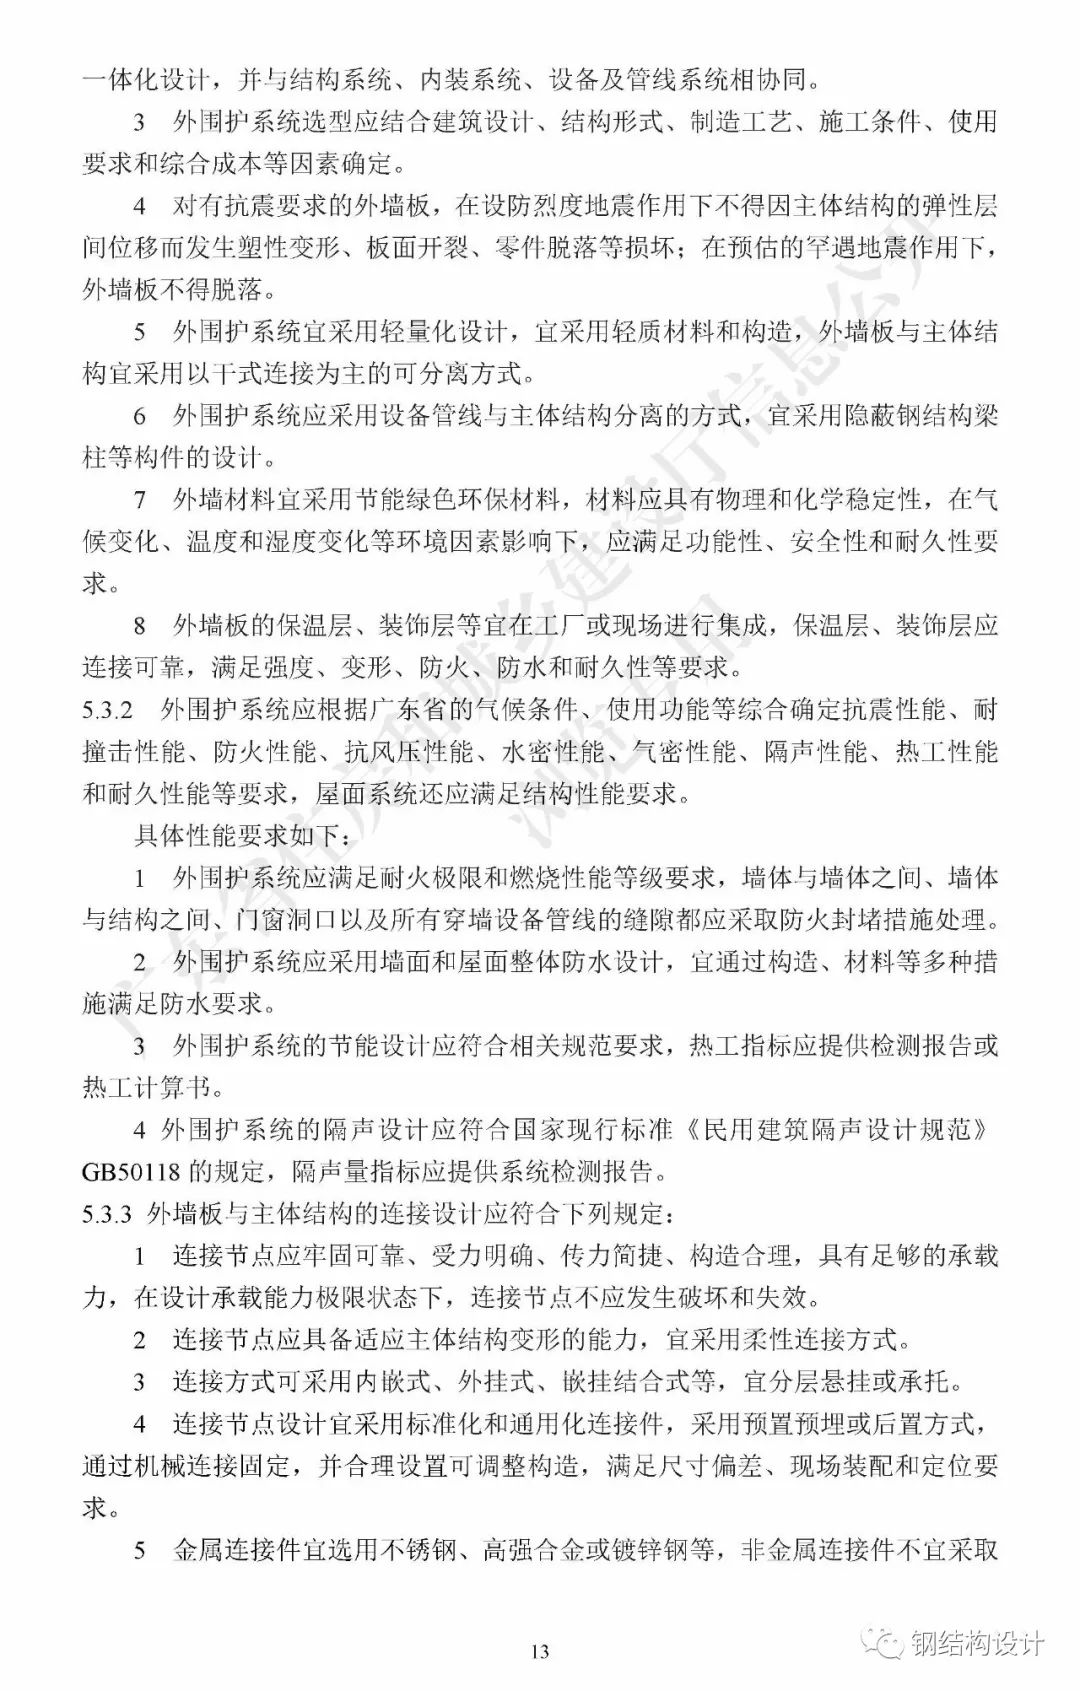 广东省《装配式钢结构建筑技术规程》发布_23